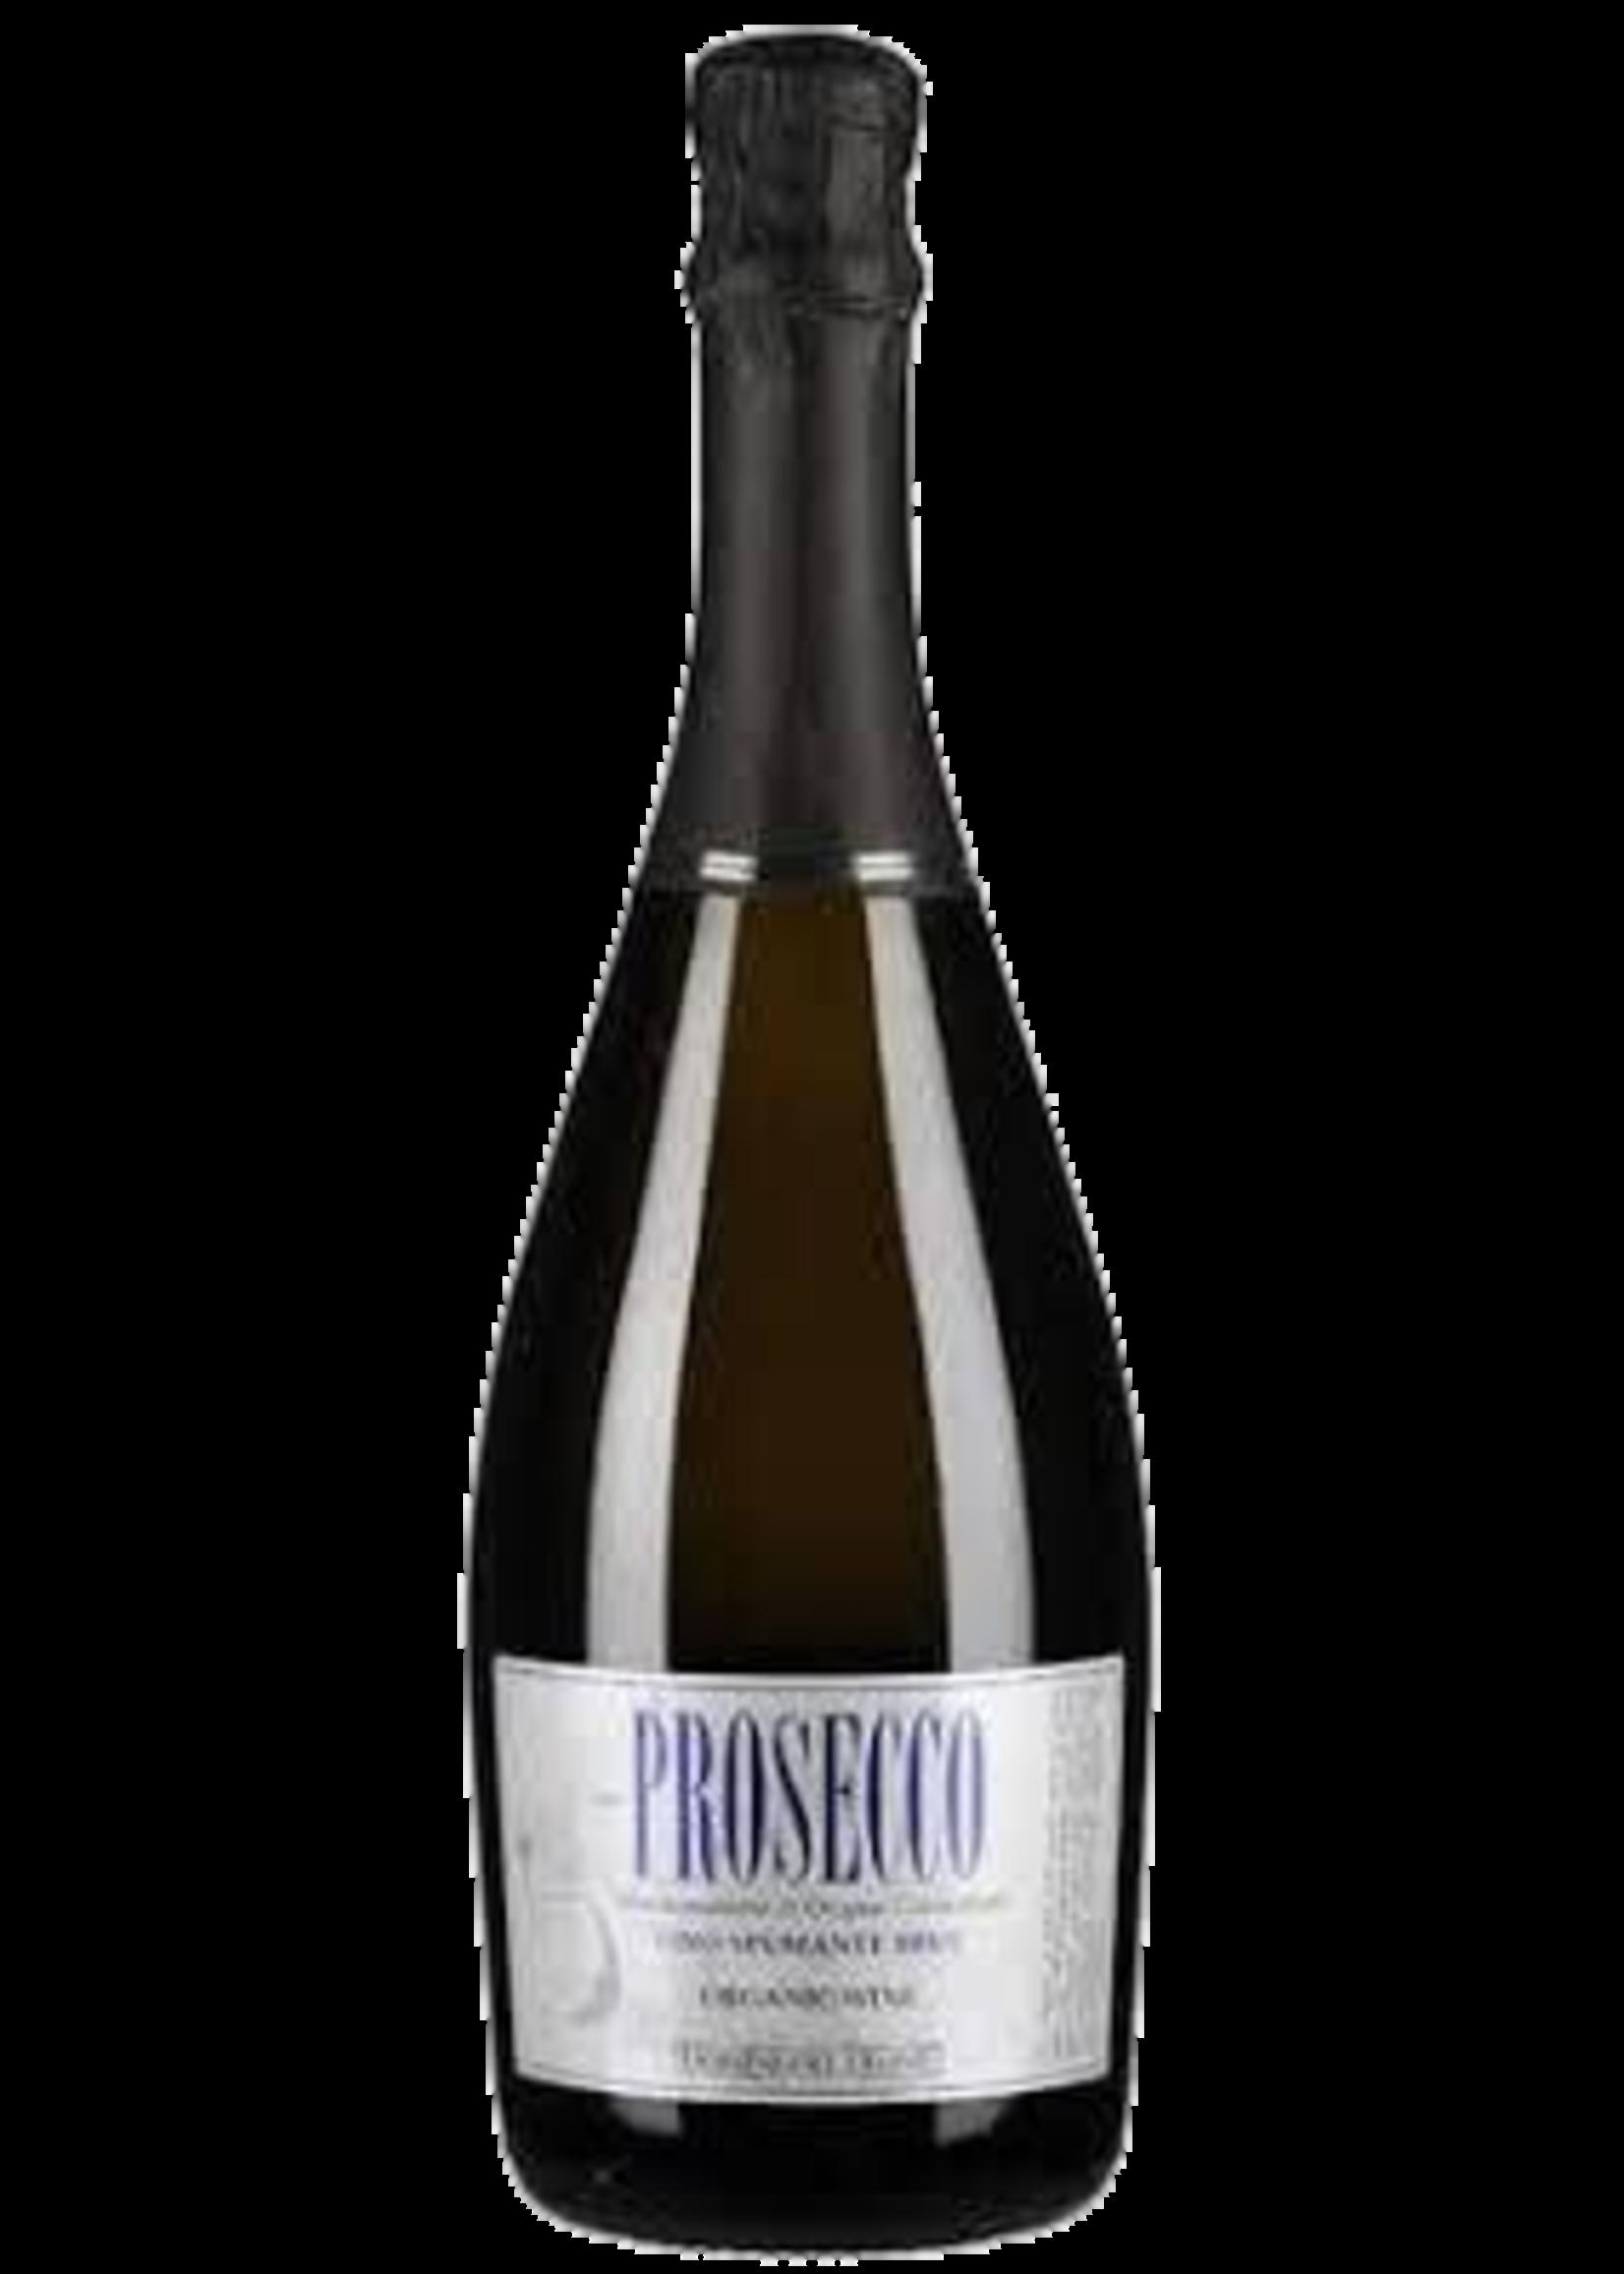 Domini del Leone Domini del Leone / Prosecco Brut Vino Spumante NV / 750mL